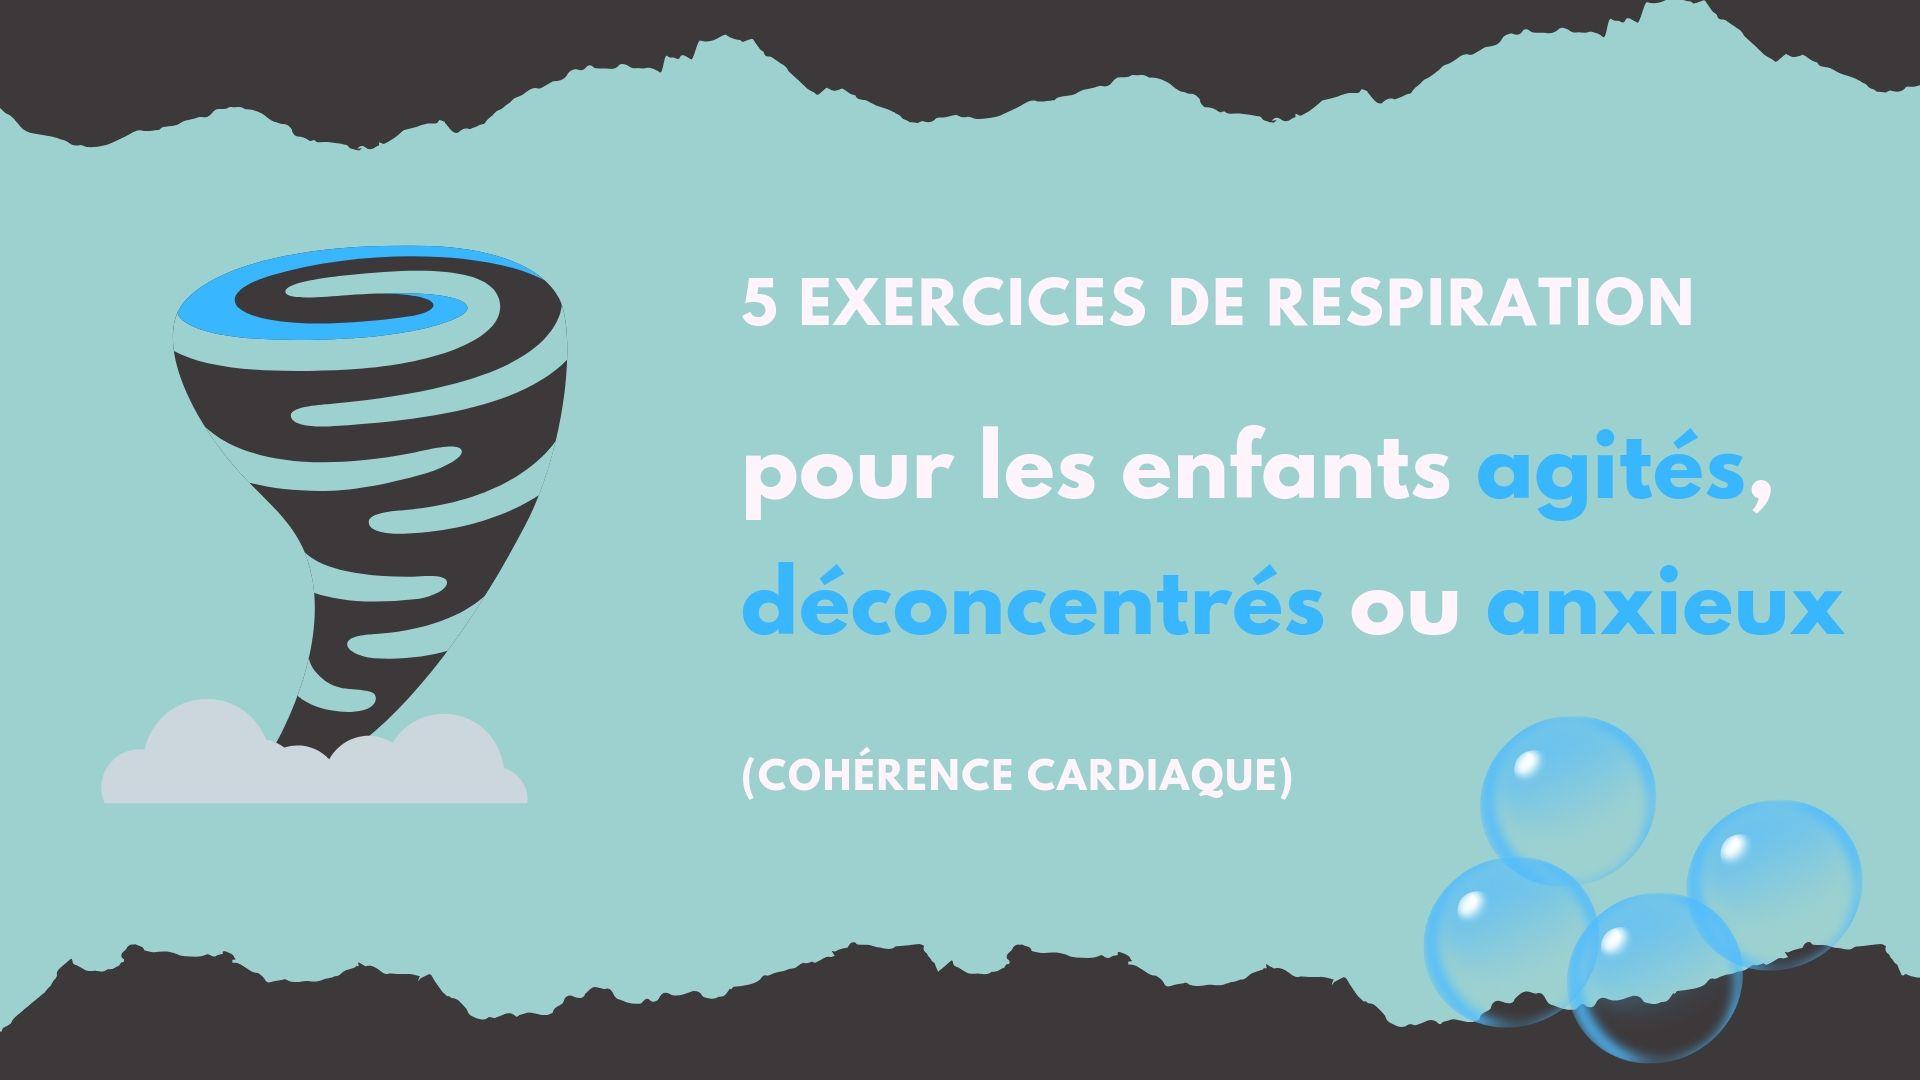 5 Exercices De Respiration Pour Les Enfants Agités intérieur Exercice Enfant 4 Ans